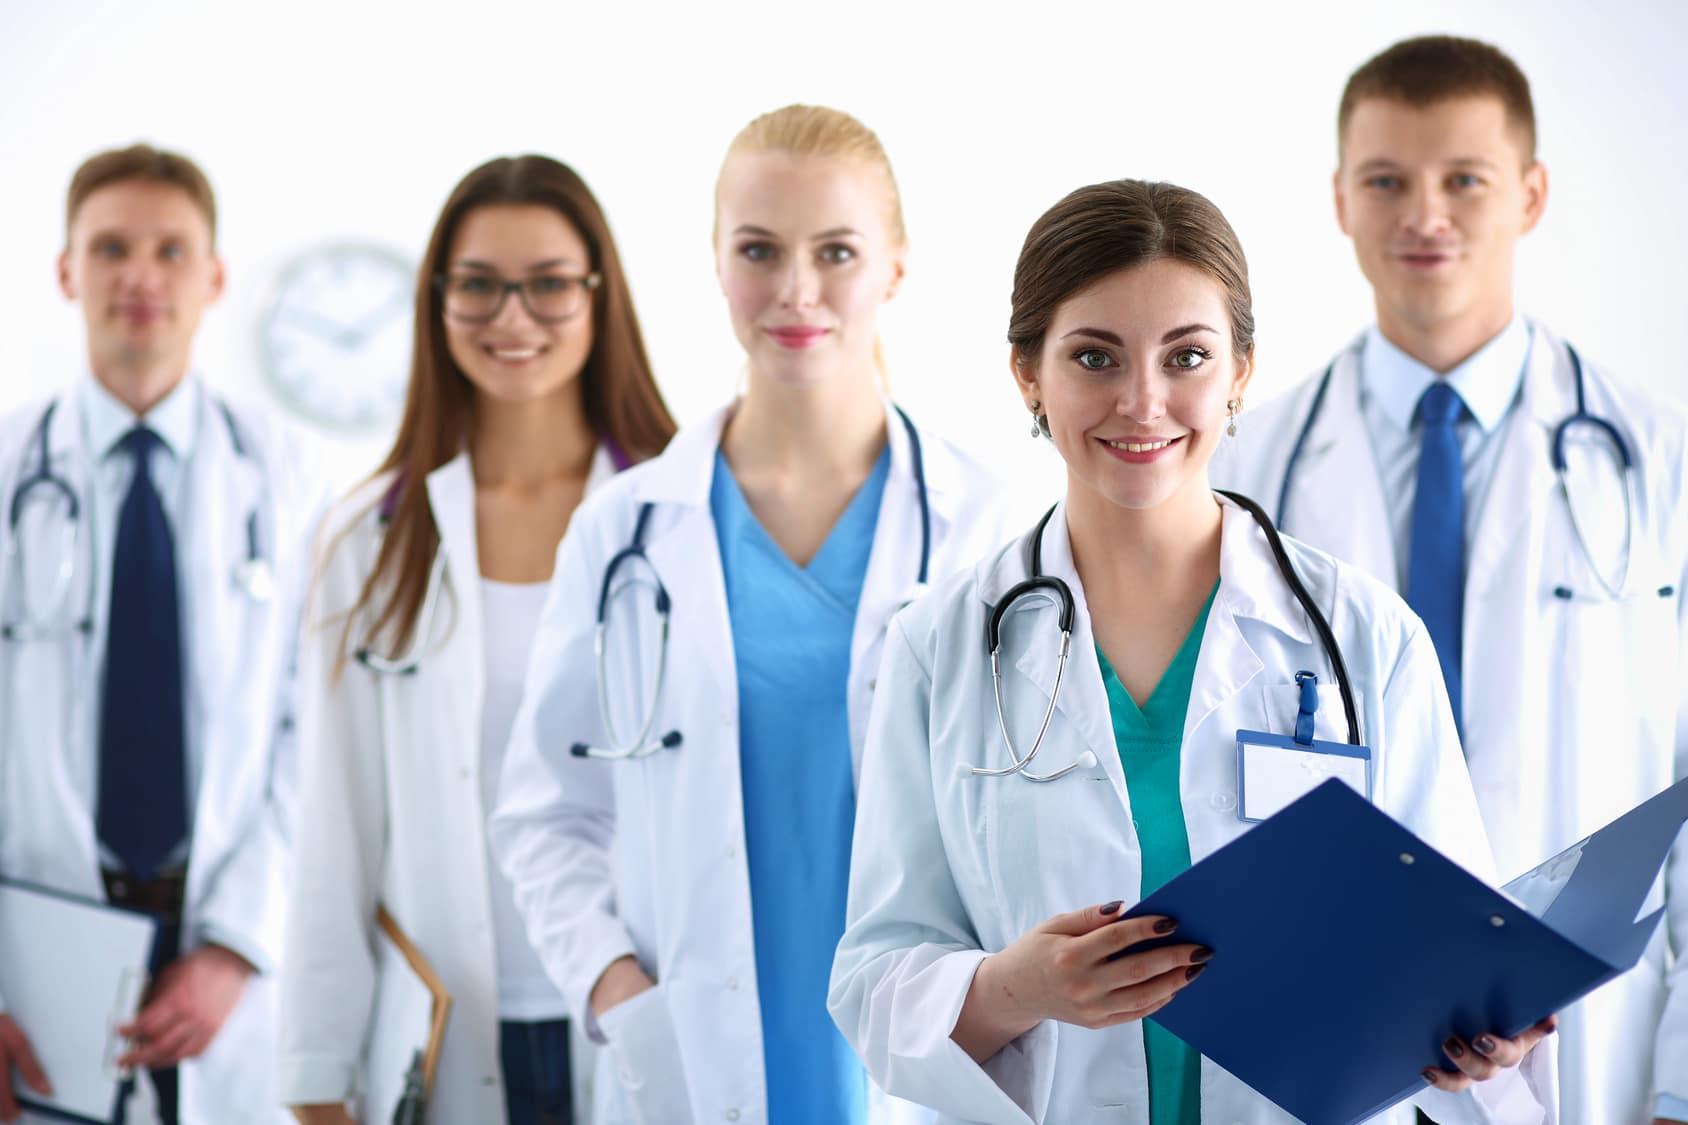 Pre-medical diploma in Canada